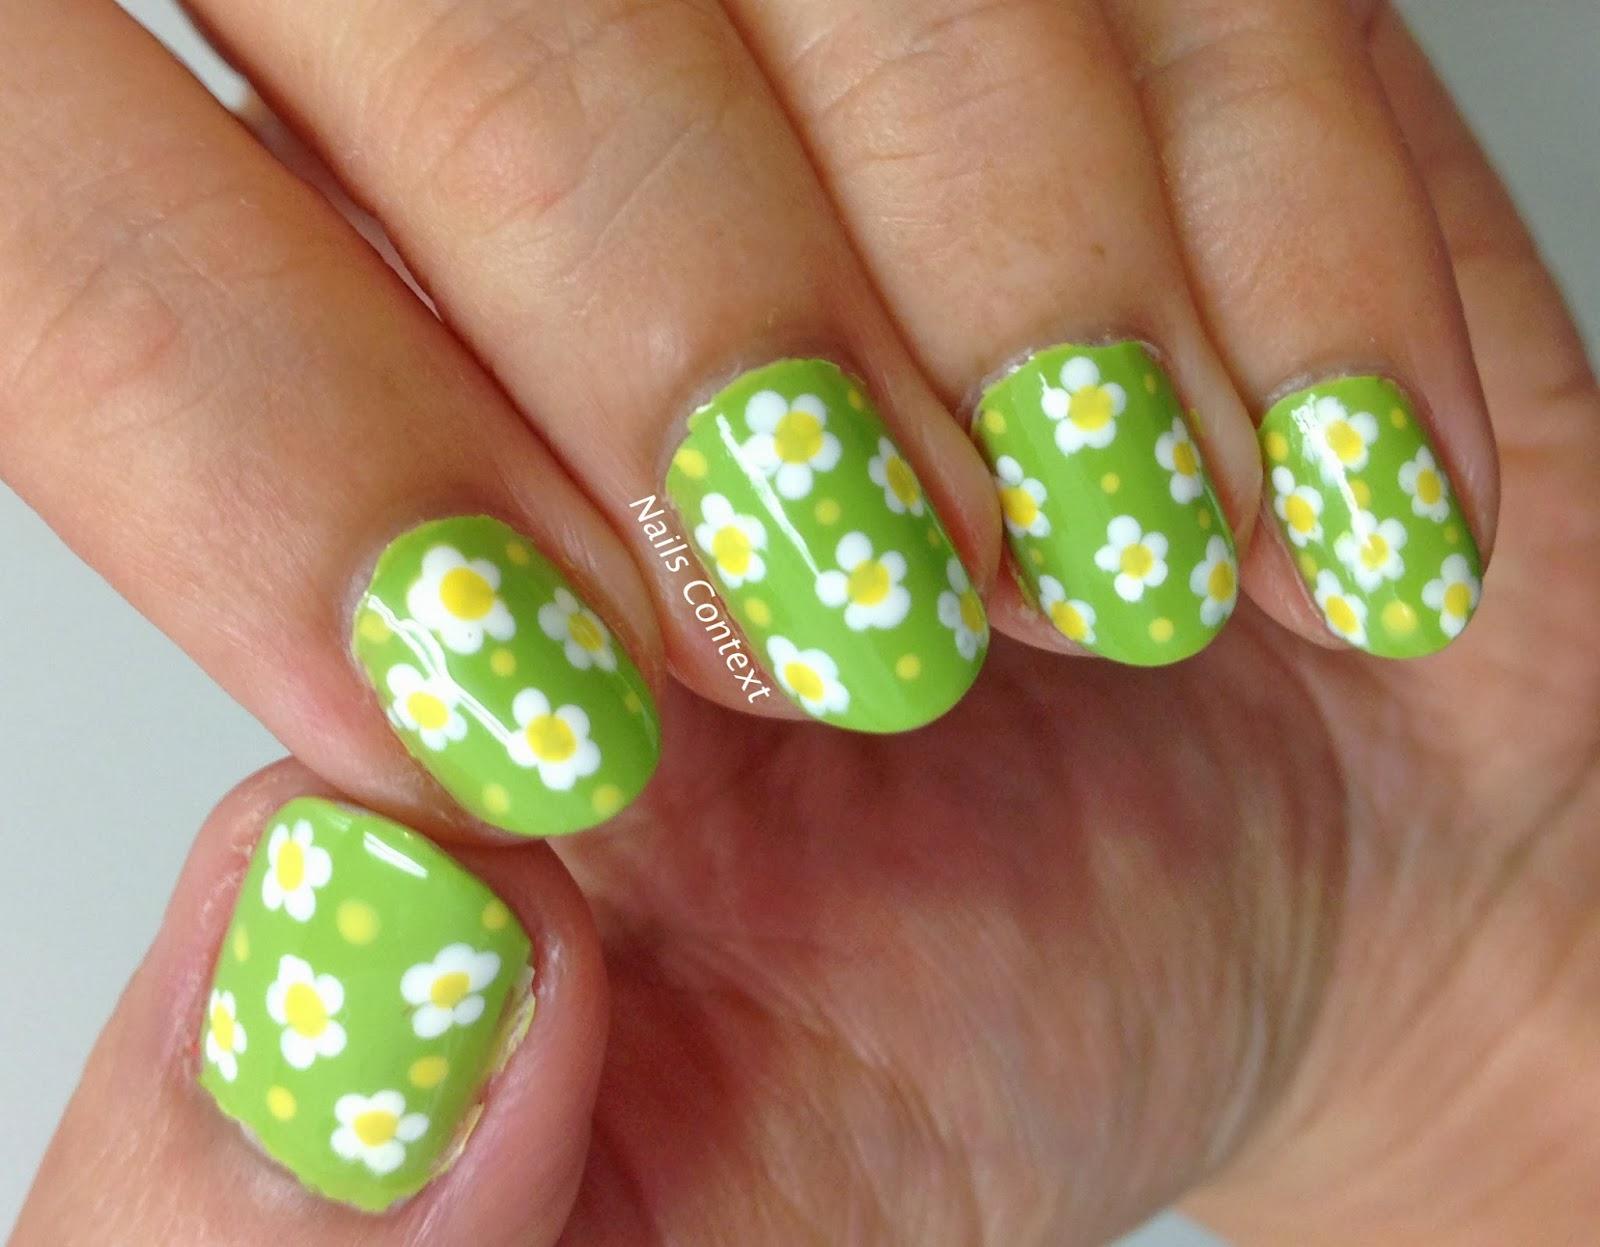 Nails Context: Green Floral Nails